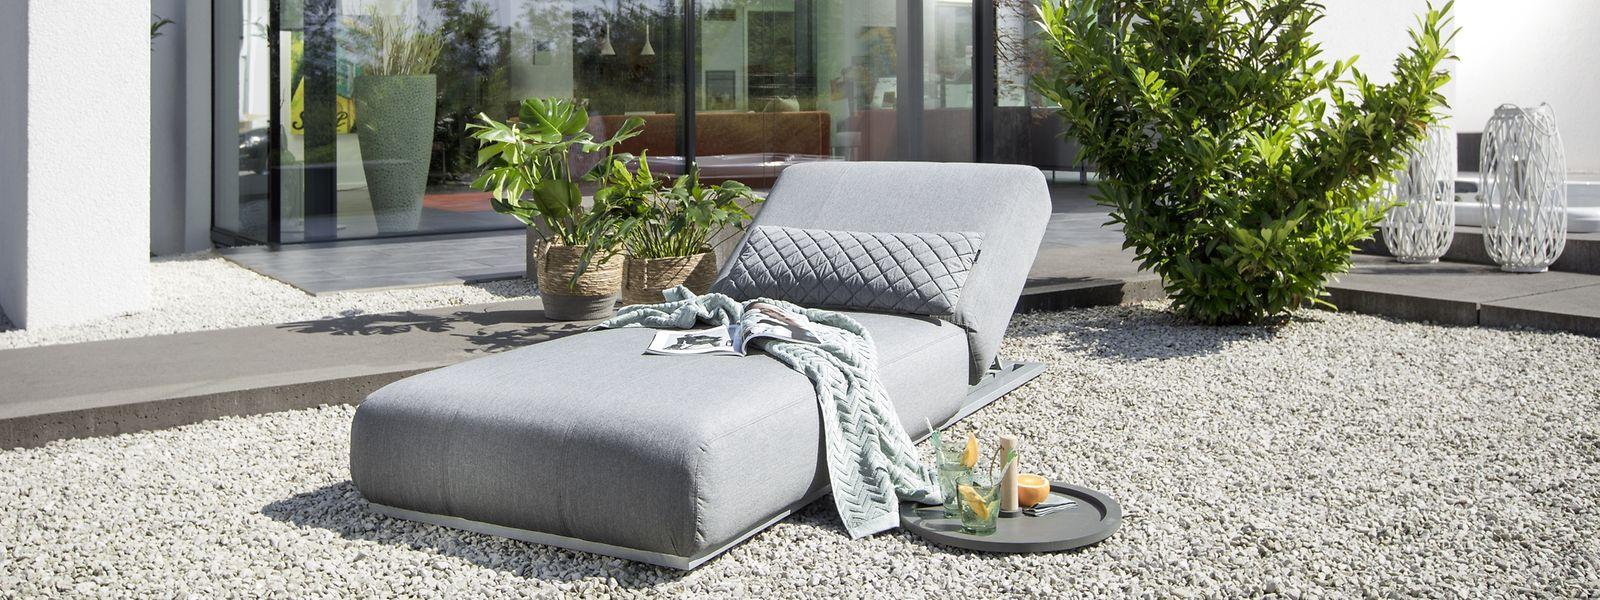 Gartenmöbel kommen am Boden an:Neue Liegen wie zum Beispiel das Modell Ego vonKettler kommen ohne Beine aus.